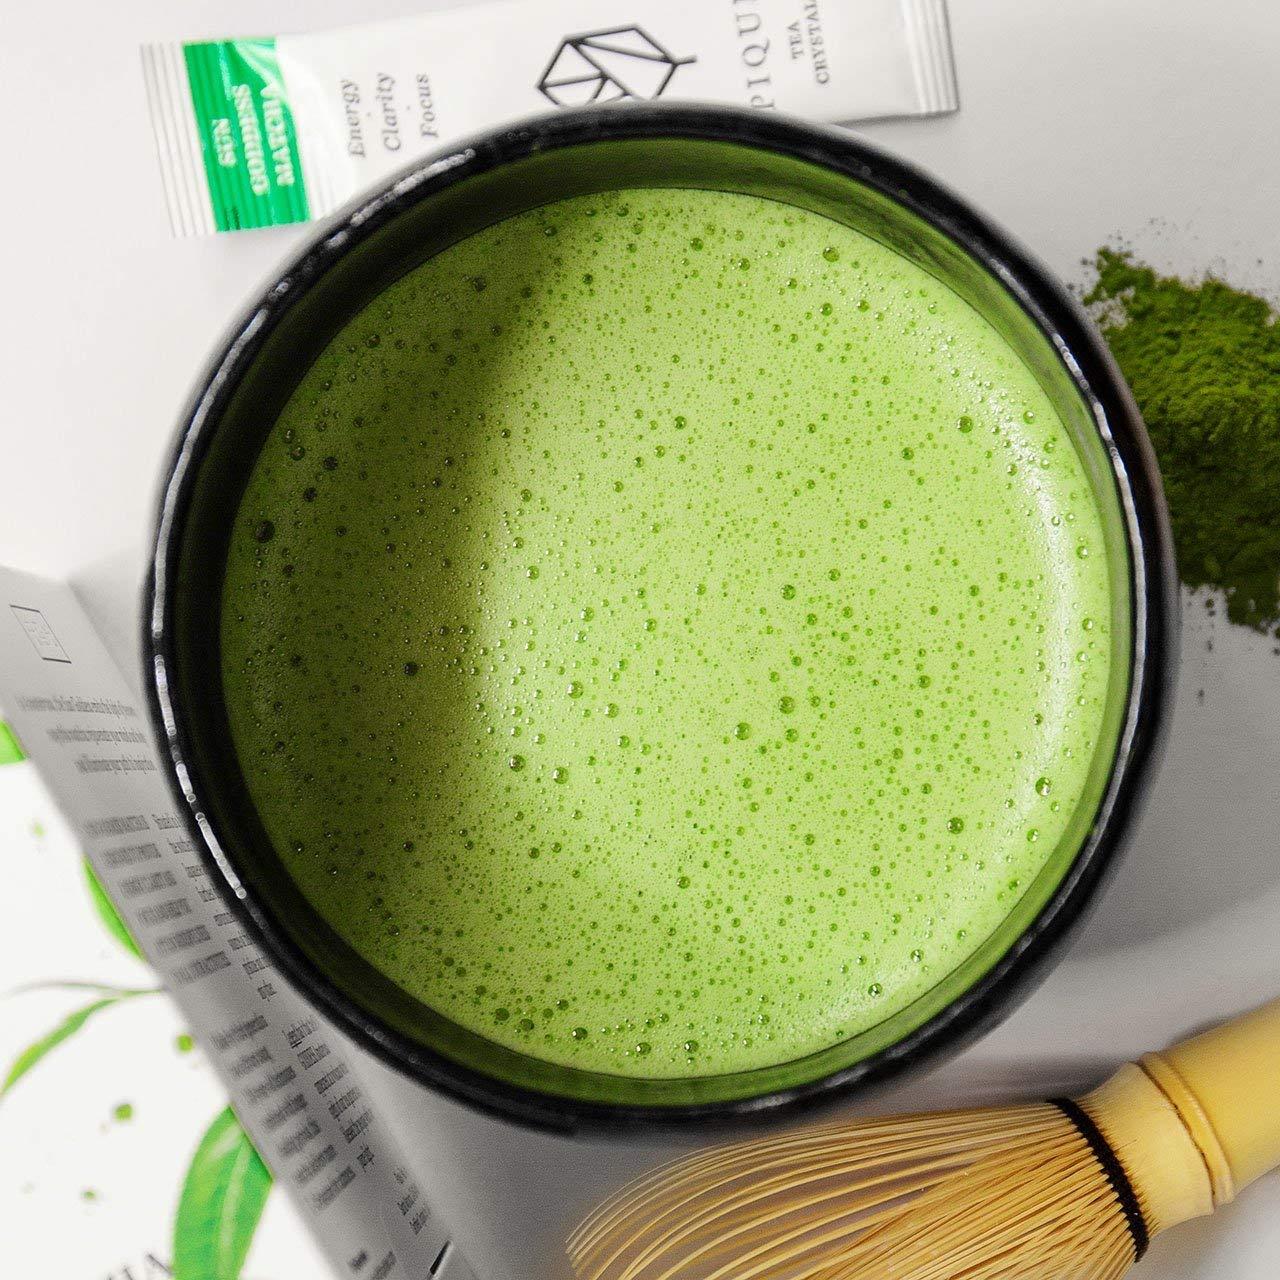 Pique Tea Organic Sun Goddess Matcha Green Tea - Energy, Calm, Mindfulness - 1 Pack (28 Sticks) by PIQUE